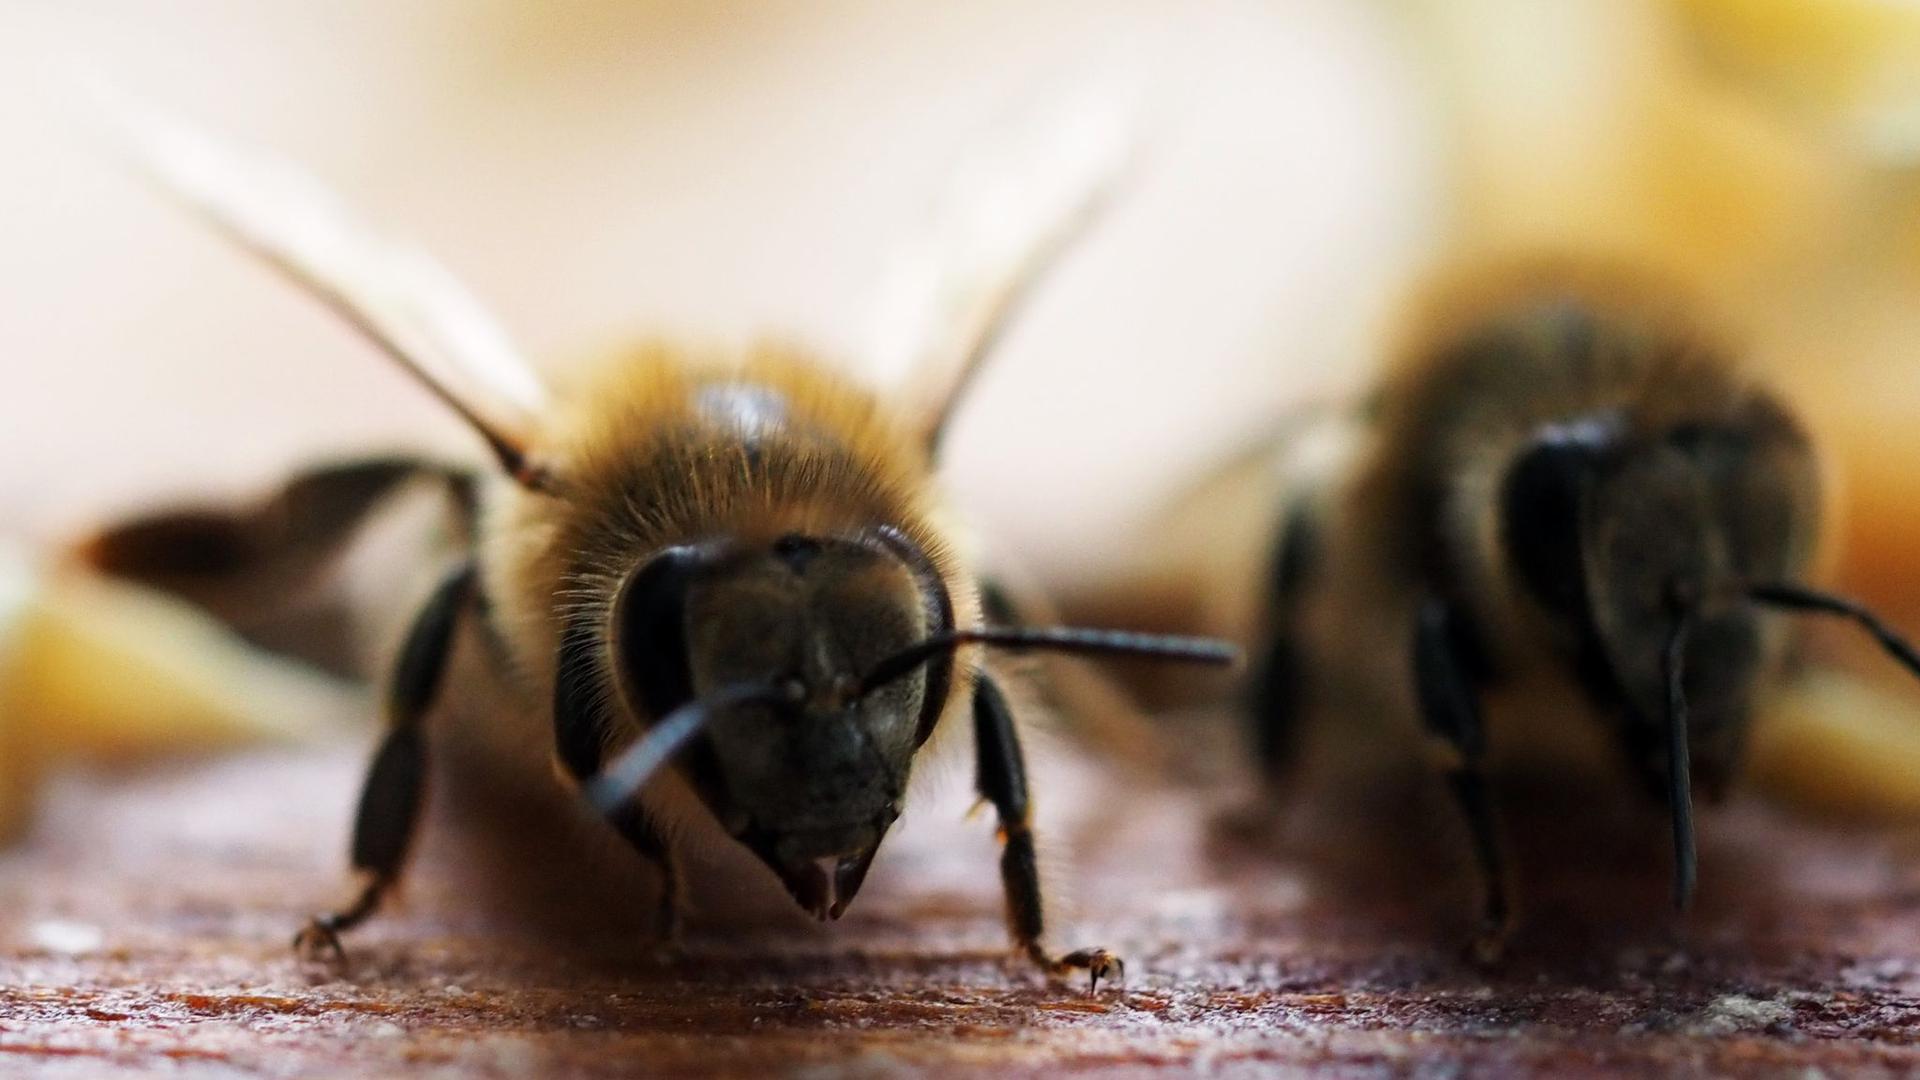 Beim Bienenschutz geht es konkret um einen Schwellenwert für bestimmte Chemikalien, die in der Landwirtschaft eingesetzt werden.